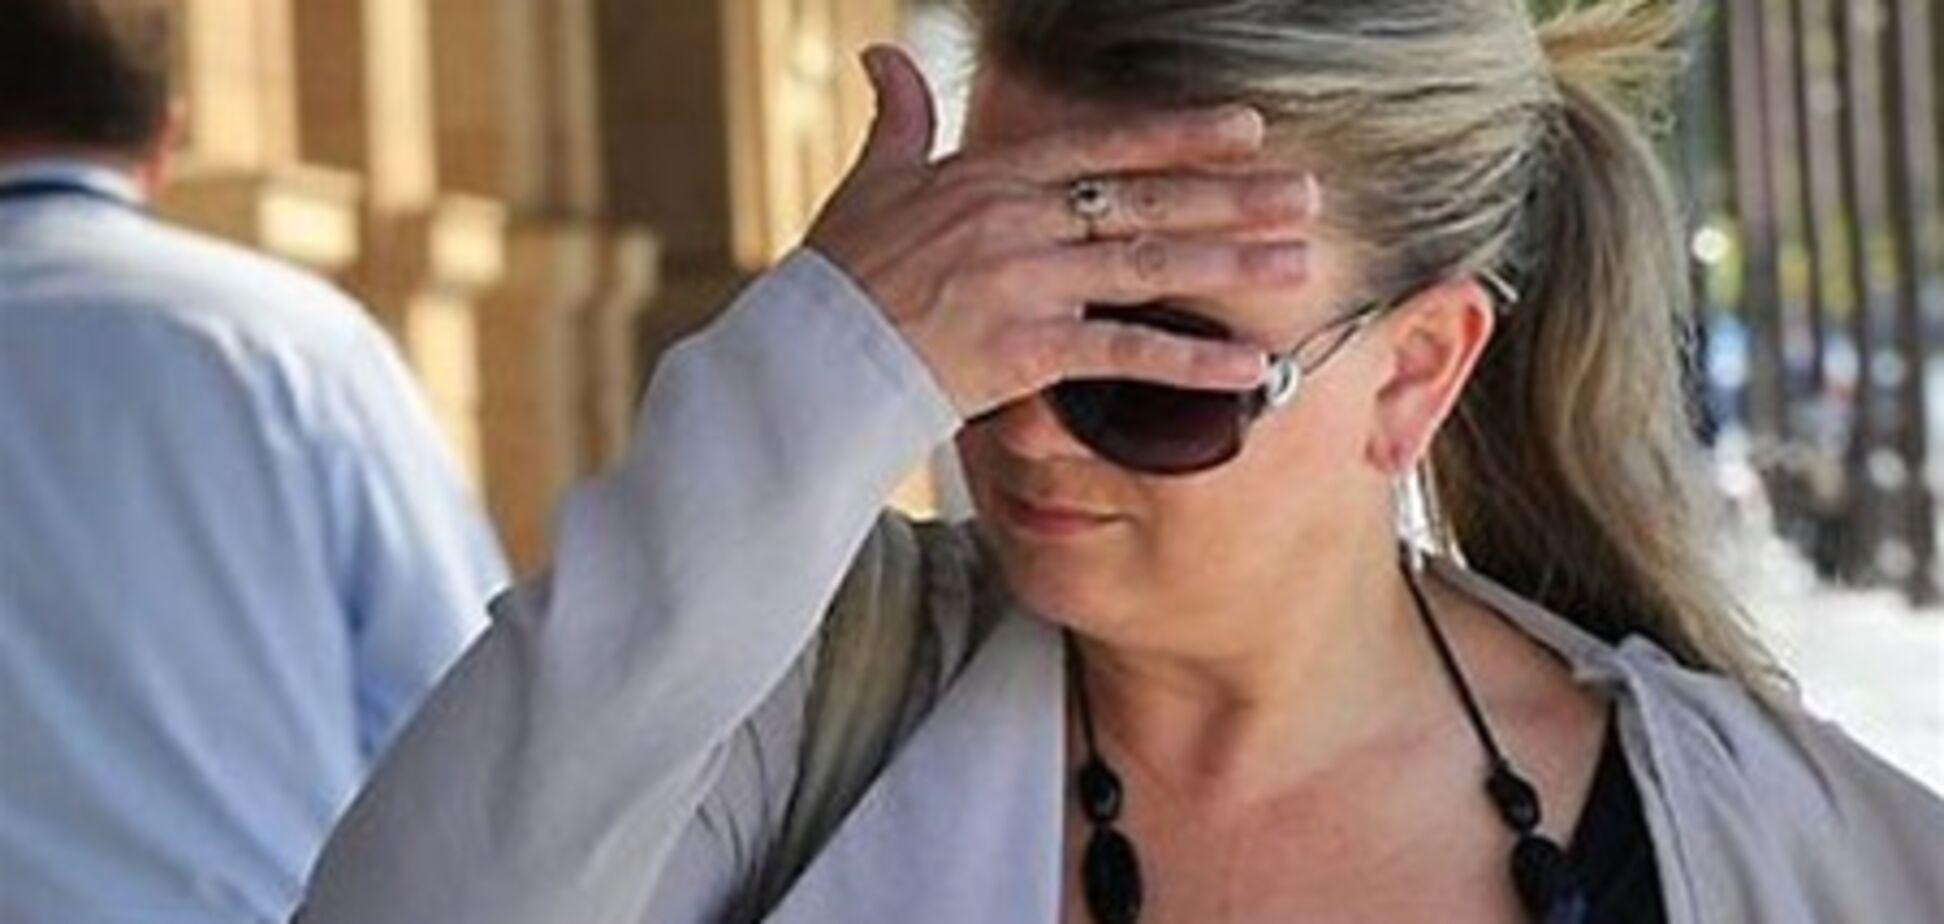 В Австралии женщина ворвалась к мужчине в дом и изнасиловала